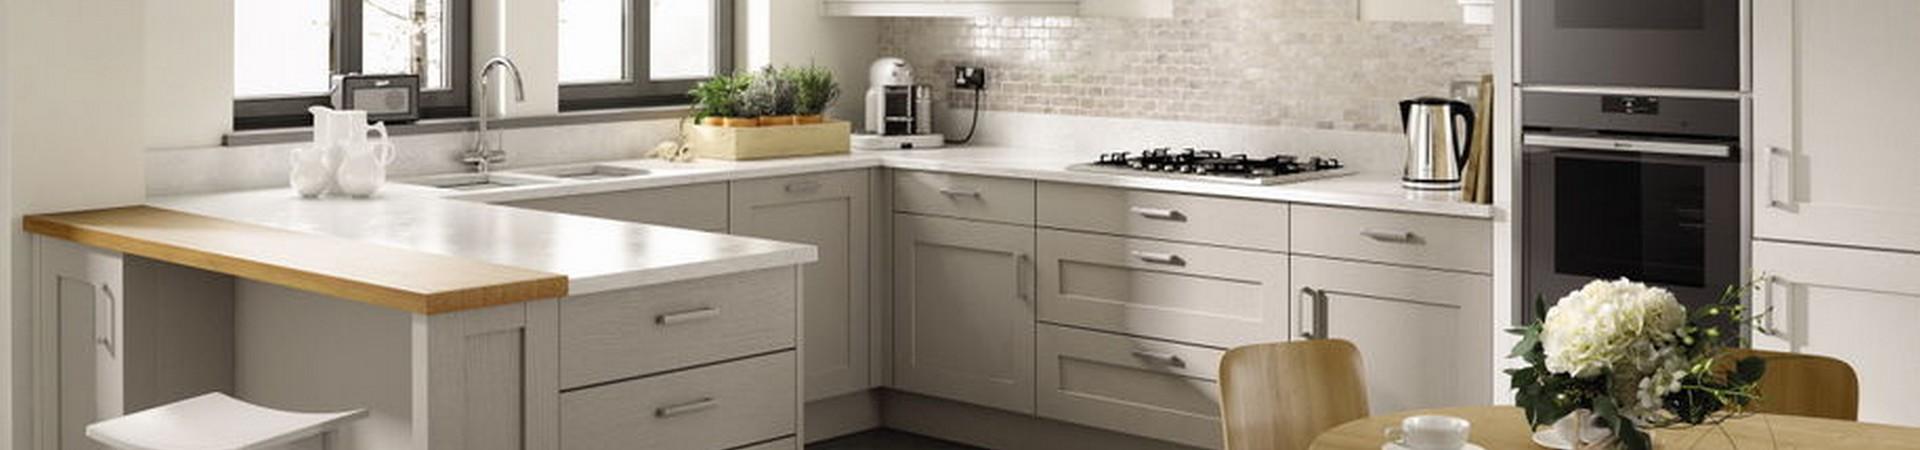 Cocinas, baños y + - Cocinas Alcobendas - Baños – Muebles de cocina ...